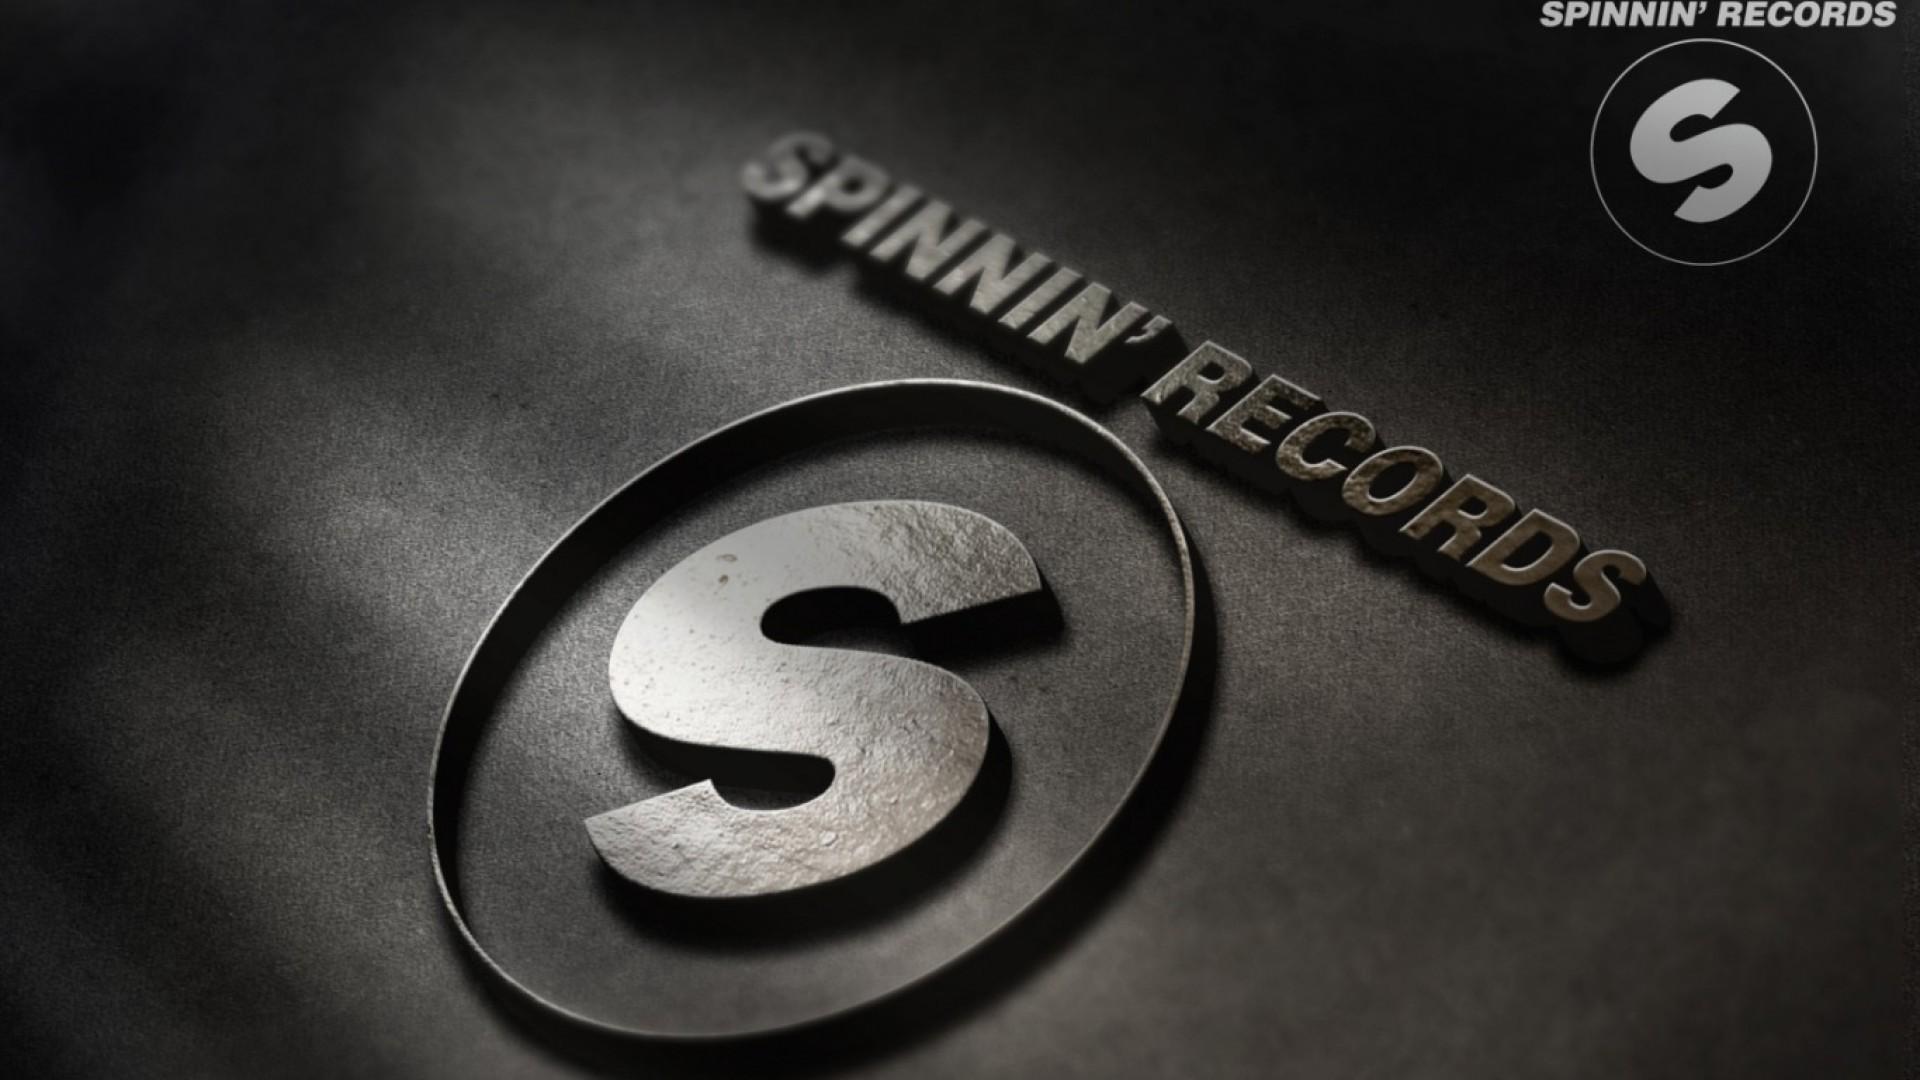 SPINNIN RECORDS LOGO 3D wallpaper 1920x1080